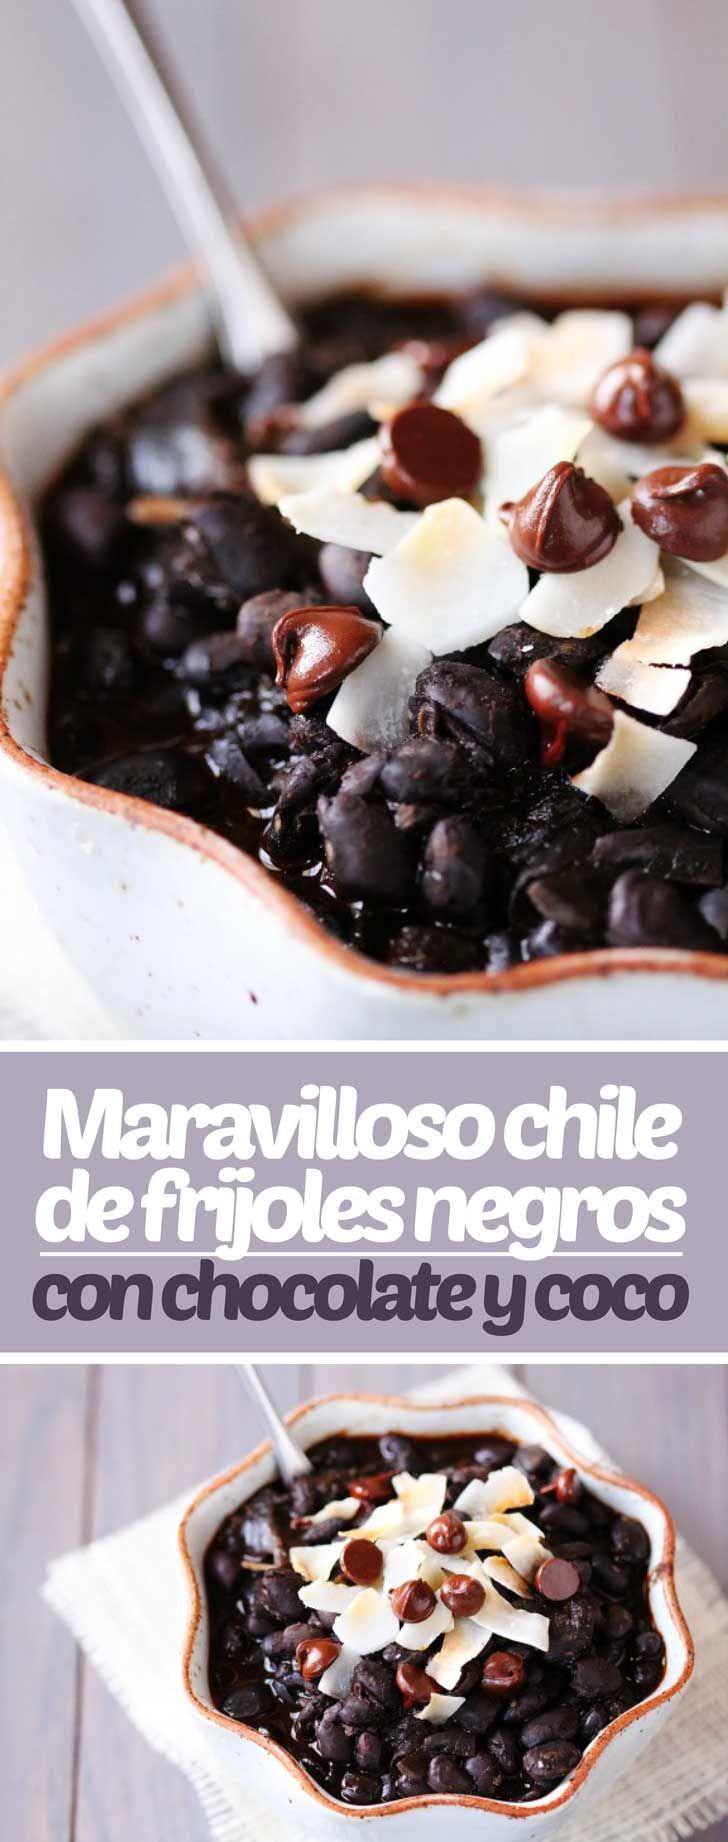 chile-de-frijoles